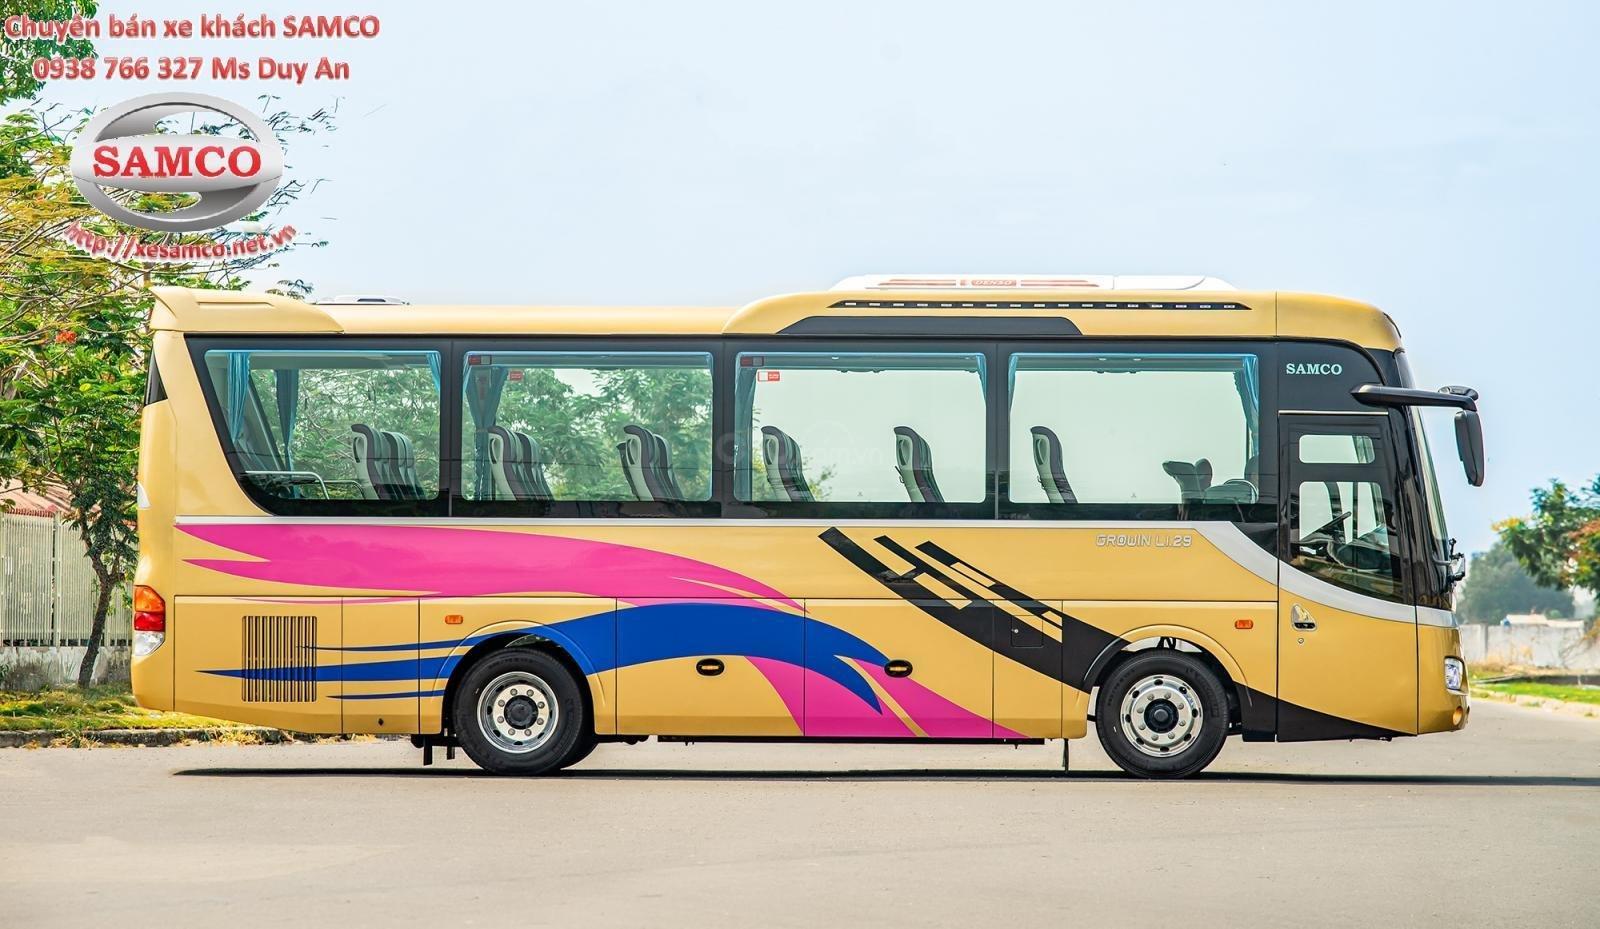 Bán xe khách Samco 29 chỗ ngồi động cơ Isuzu 5.2cc - Samco Growin - 06 bầu hơi máy sau (3)